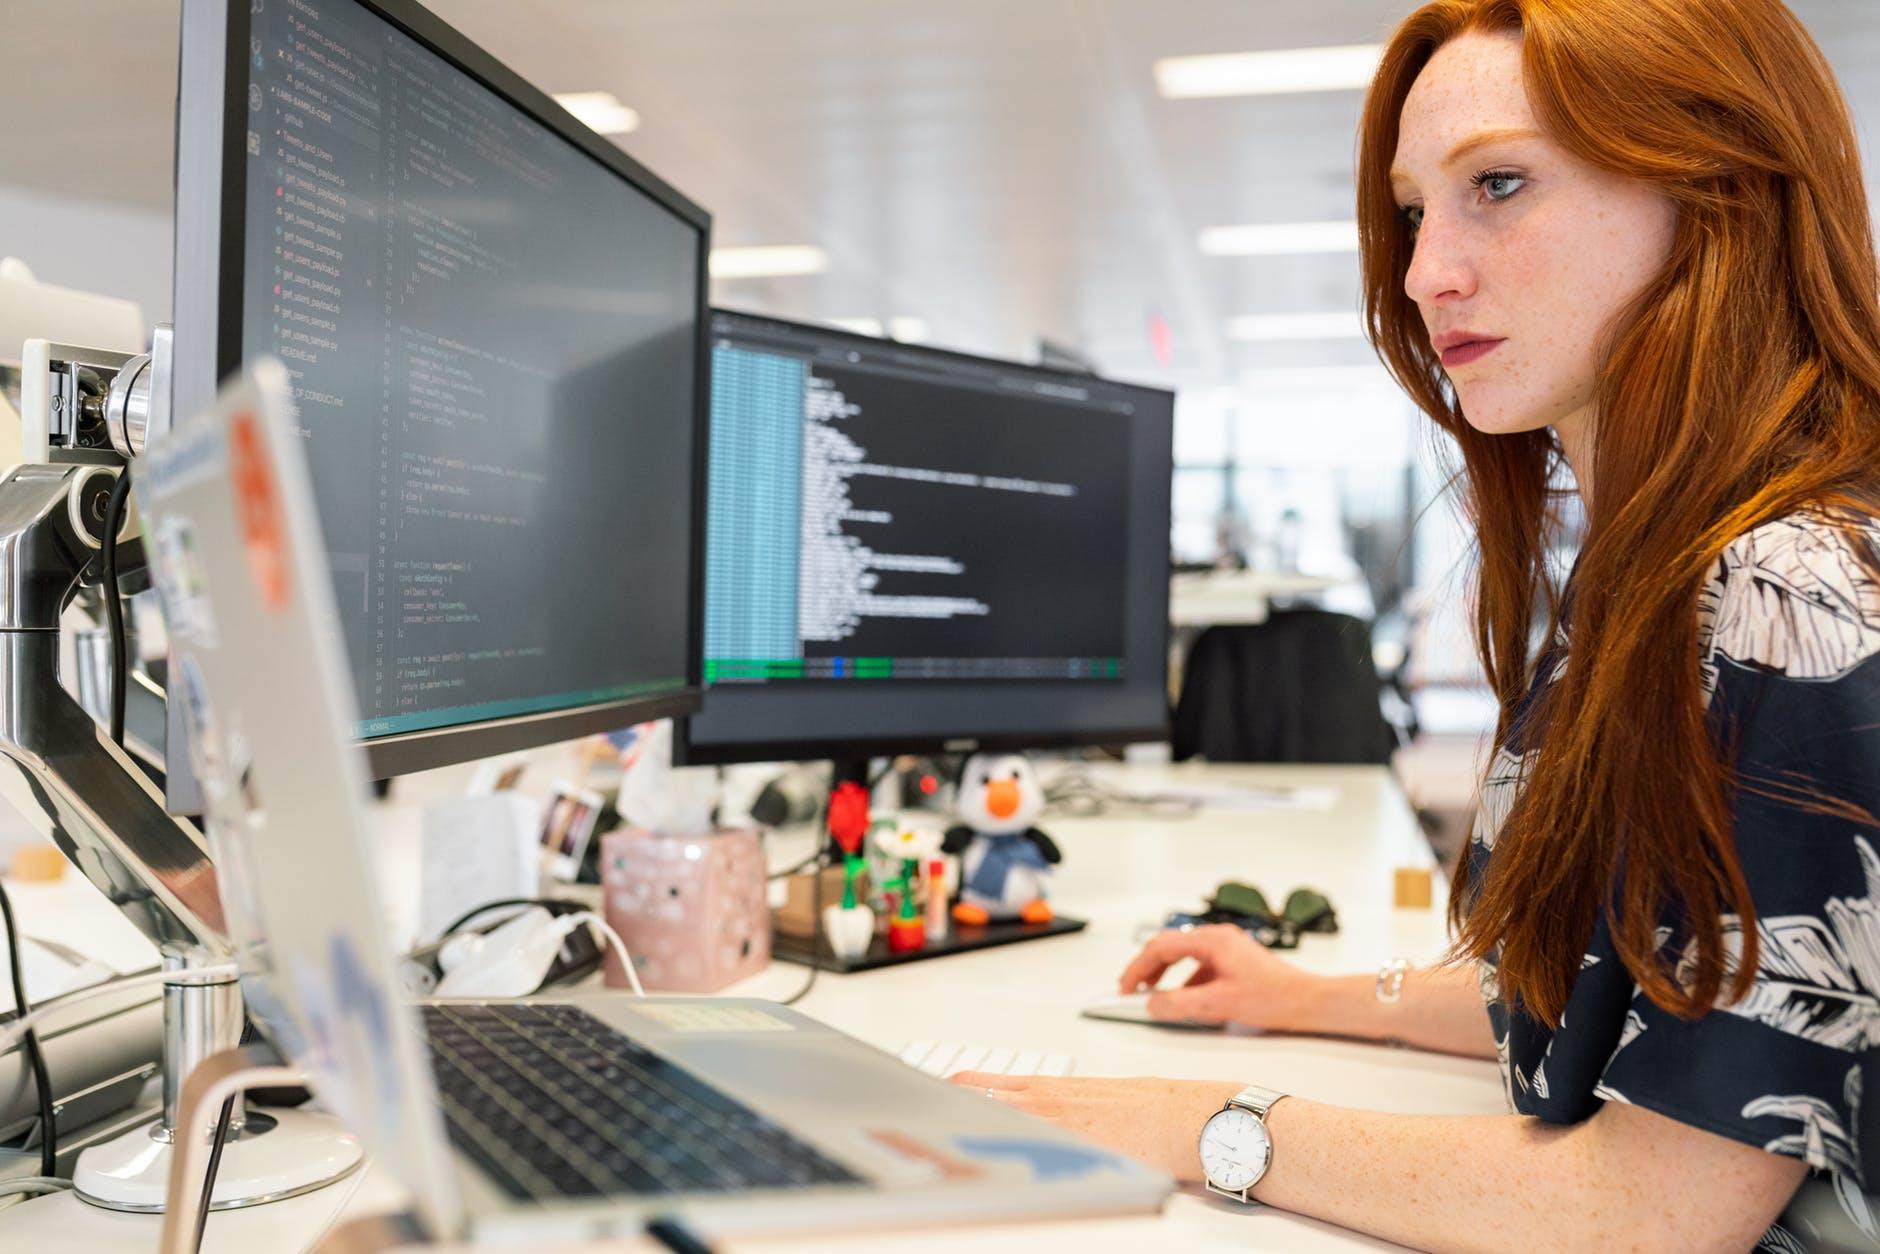 Systemy informatyczne dla firm, program do zarządzania Unit4